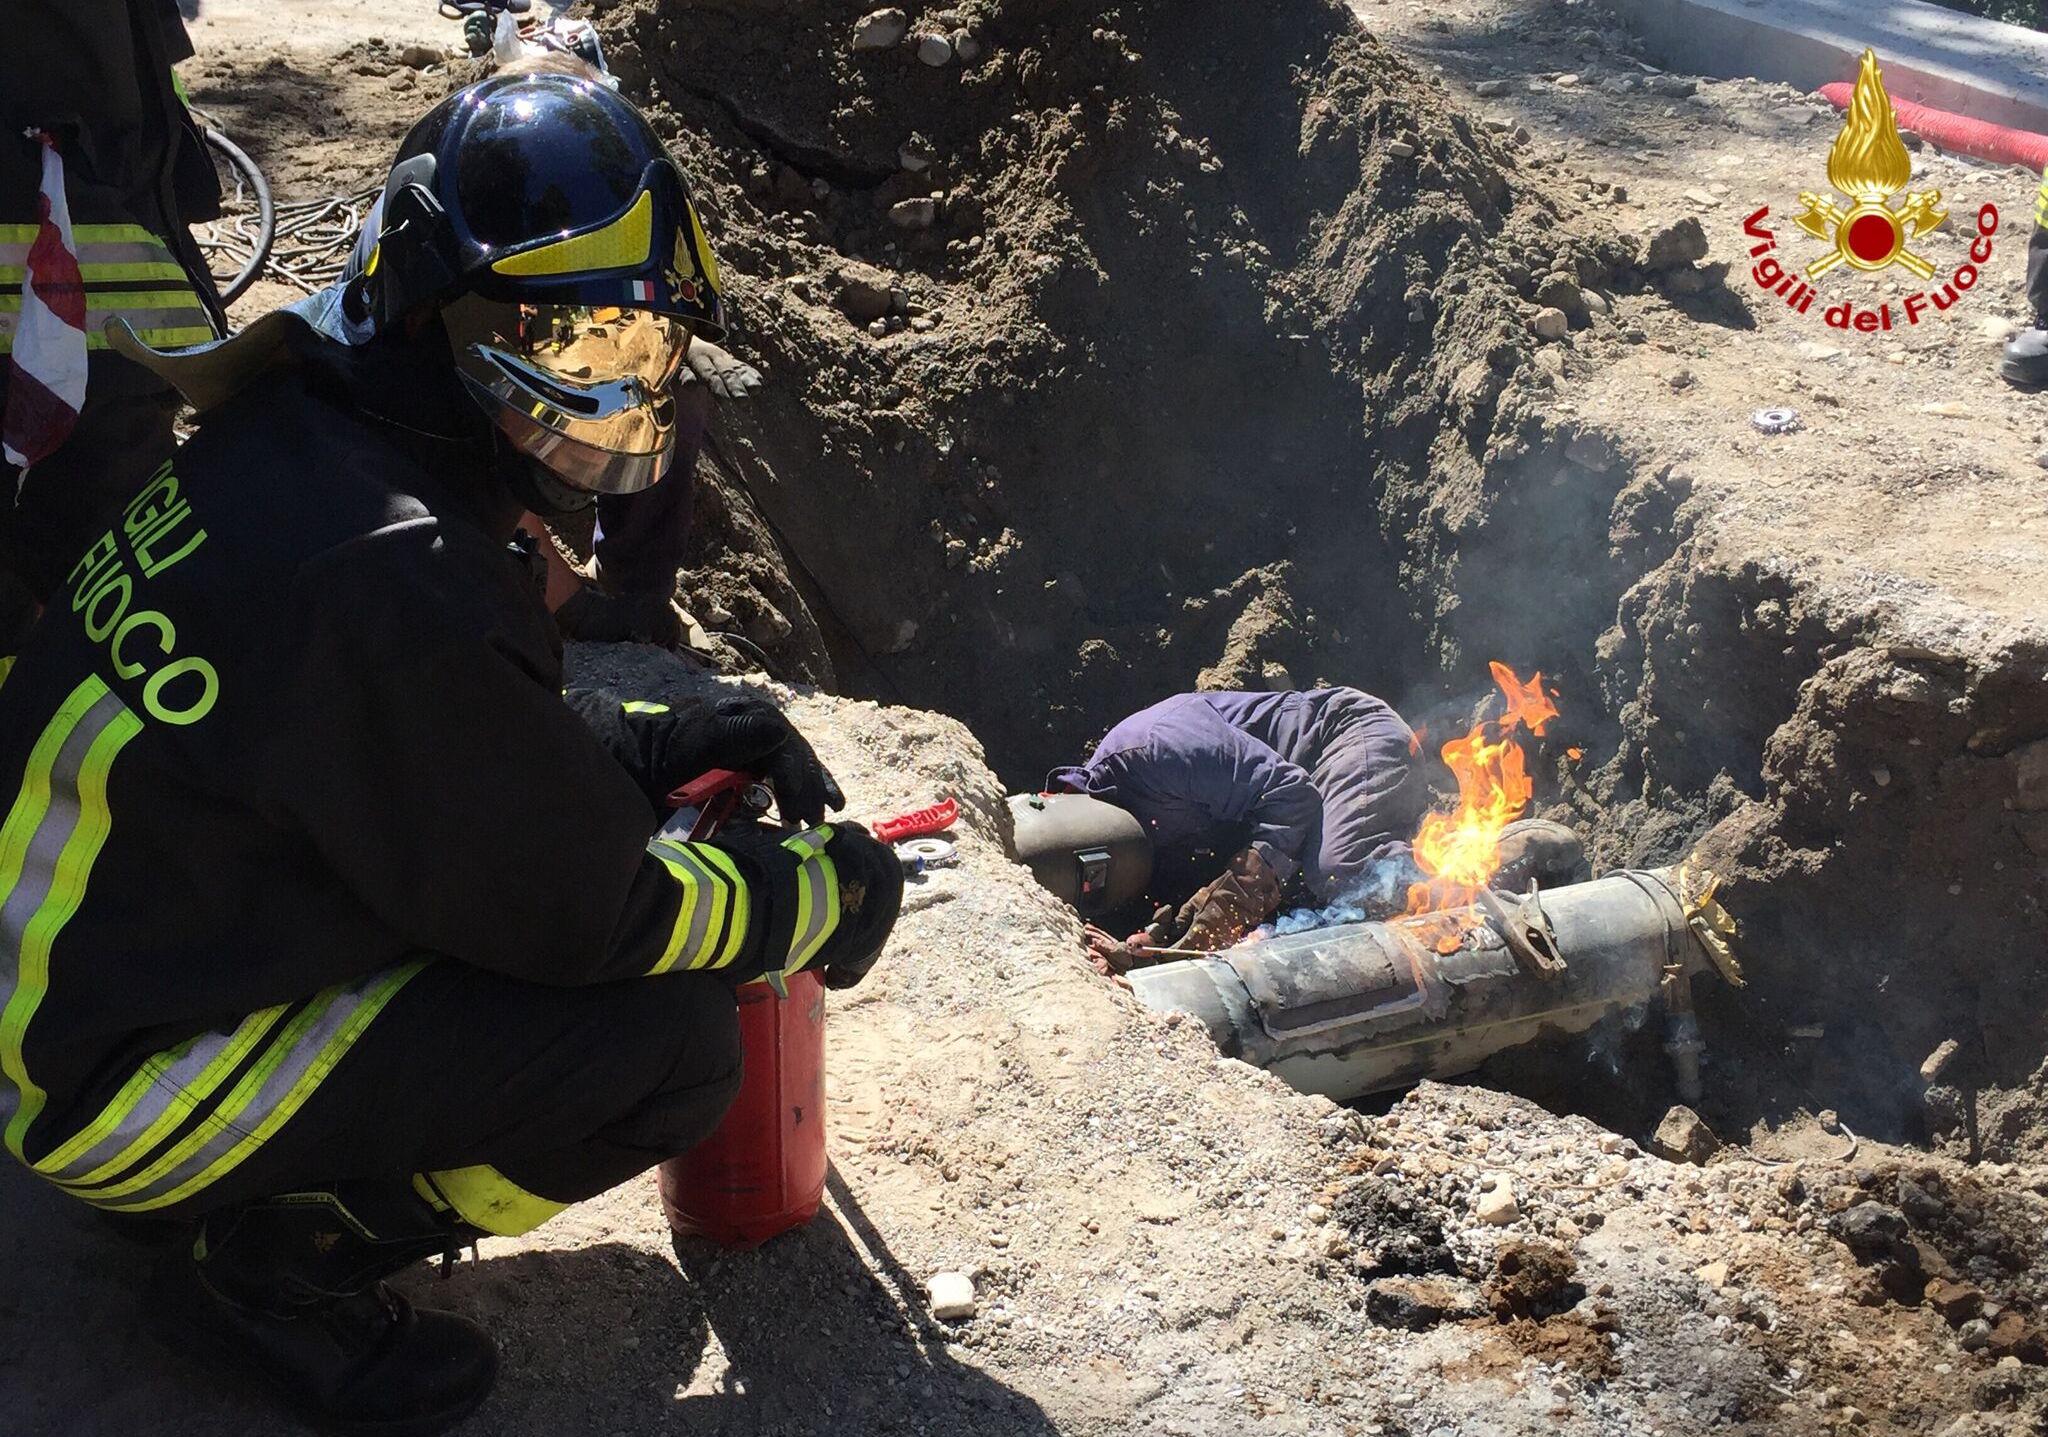 Cunardo: fuga di gas, case evacuate. Sul posto operatori e mezzi di soccorso